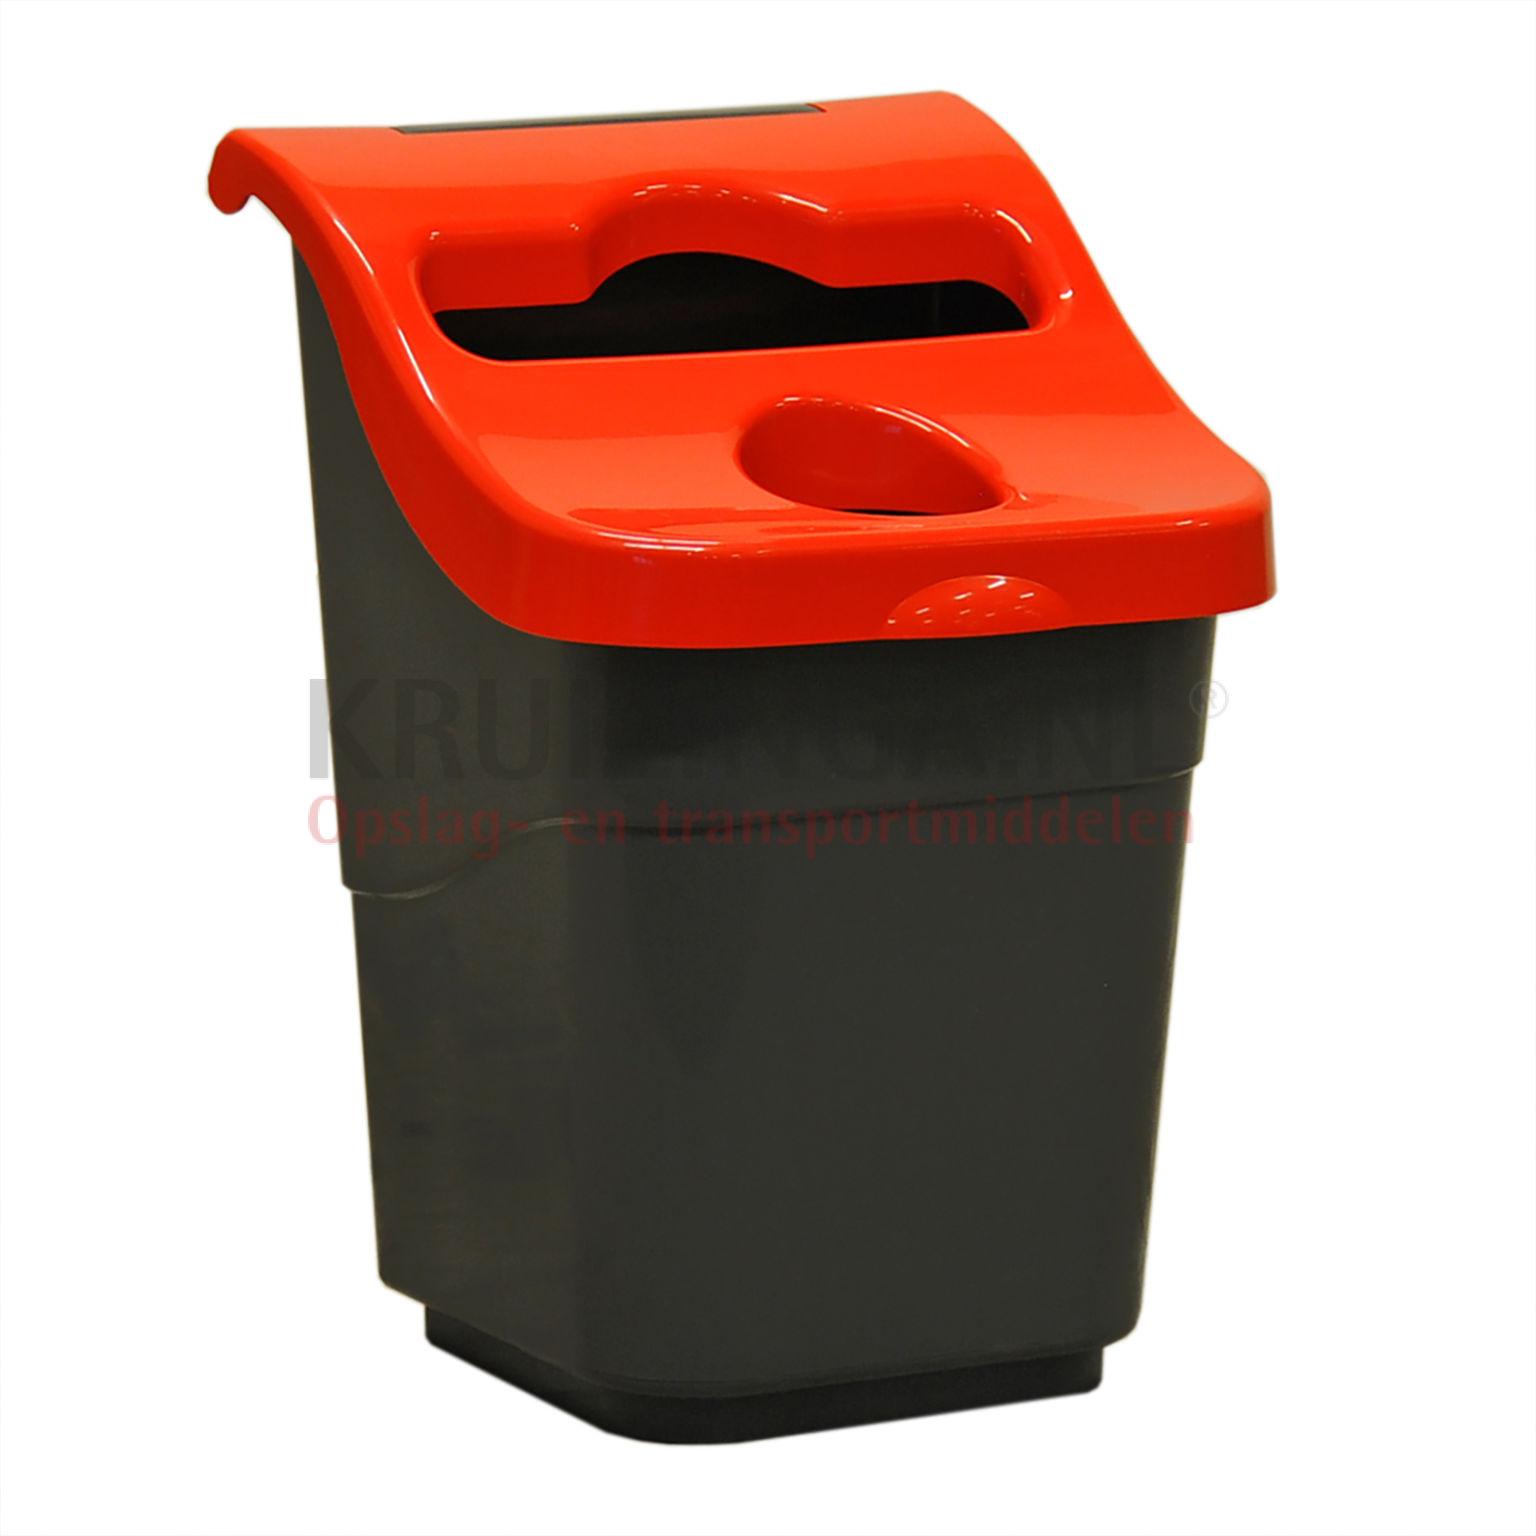 poubelle d chets et hygi ne poubelle en plastique avec couvercle partir de 27 25 frais de. Black Bedroom Furniture Sets. Home Design Ideas